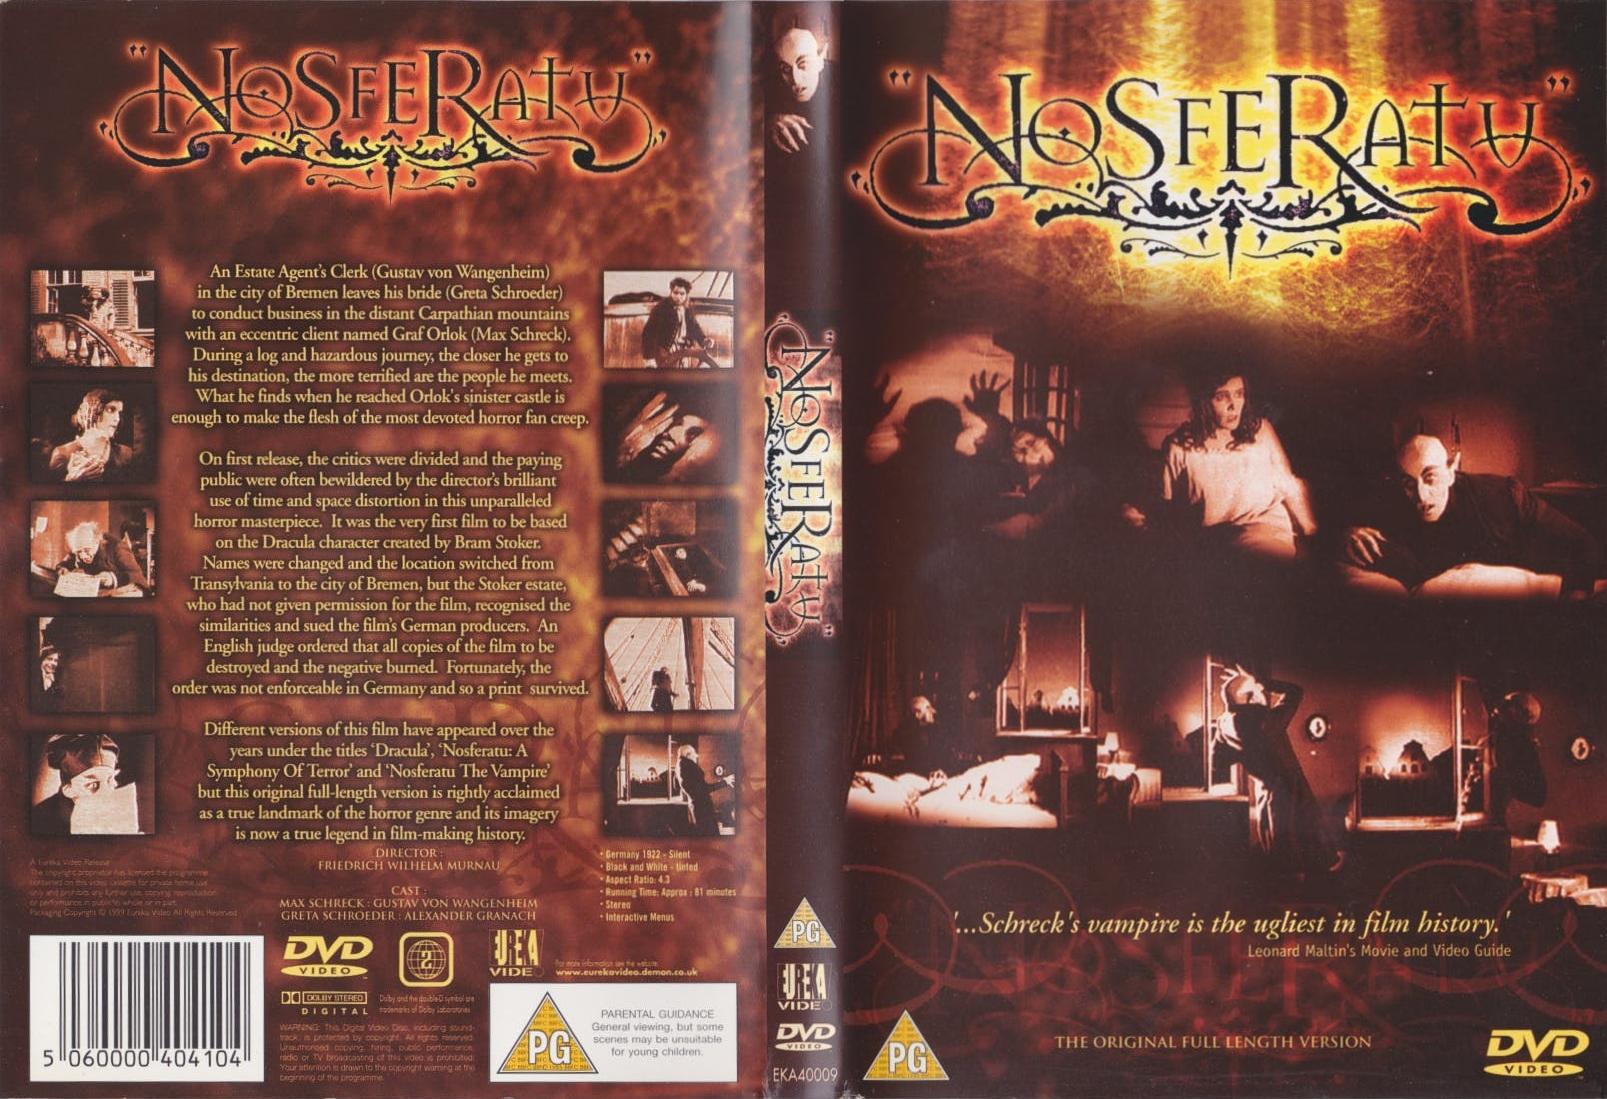 Nosferatu (1922) UK Eureka 1999 bootleg DVD